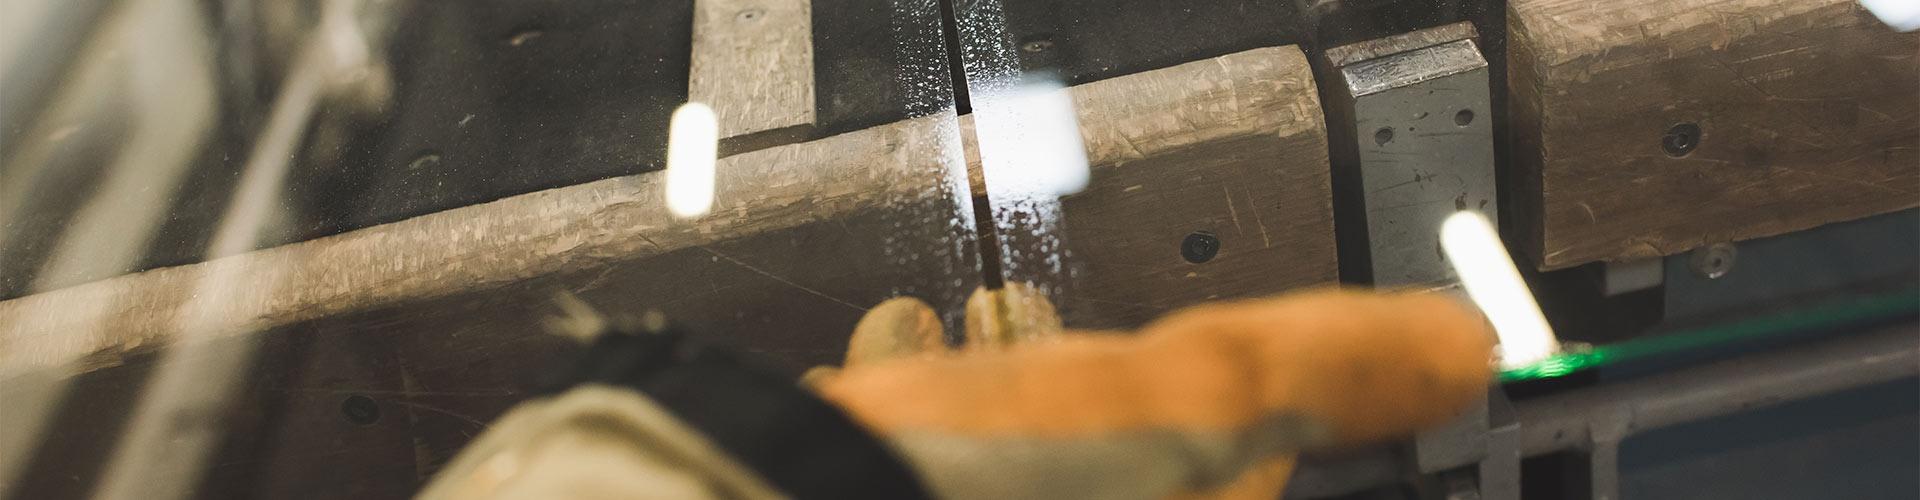 CE Glass Industries  A világ öt kontinensén, több mint 30 országban!